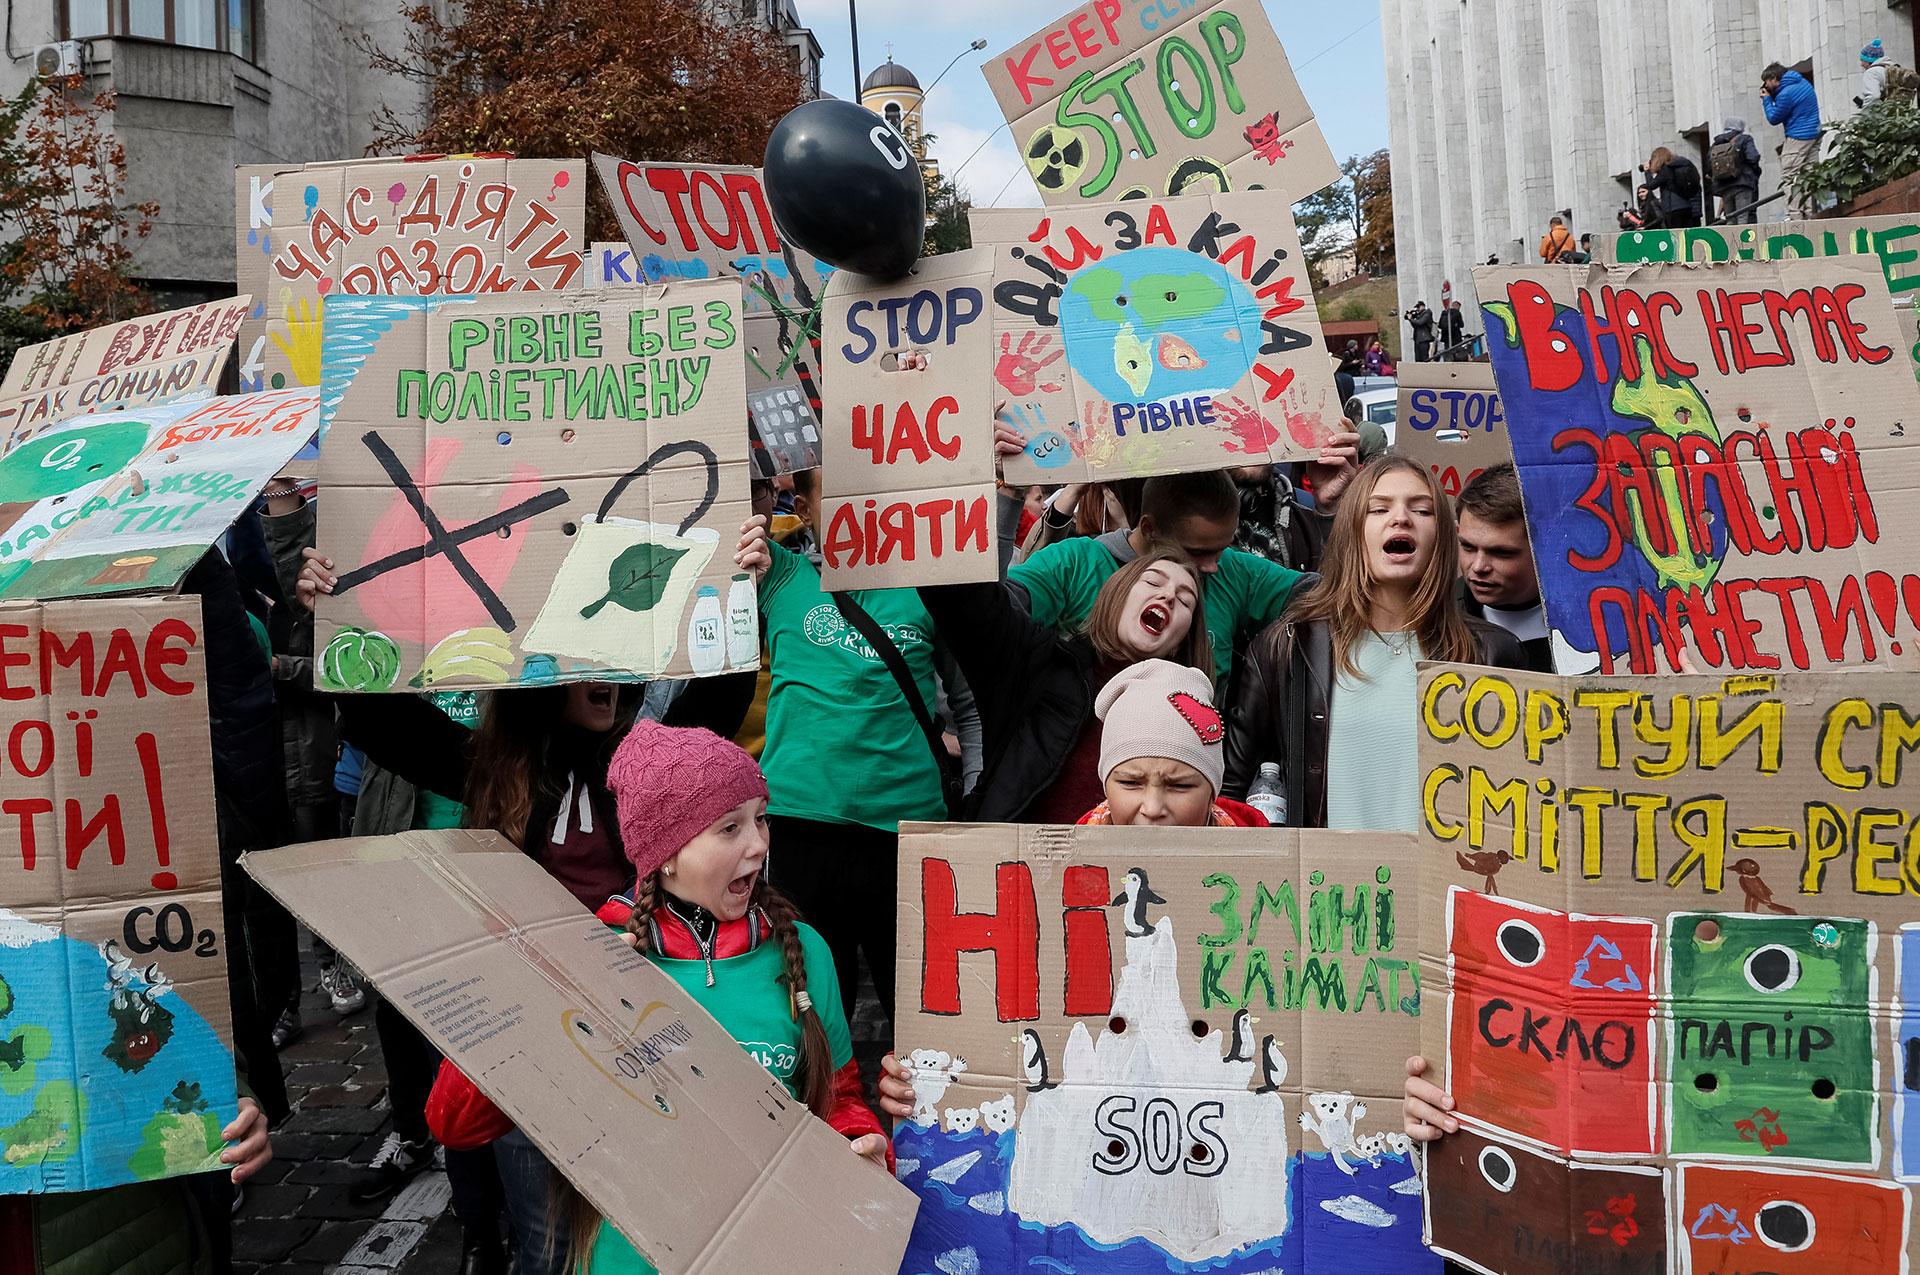 Activistas ucranianos participan en un mitin exigiendo acciones sobre el cambio climático (REUTERS/Gleb Garanich)